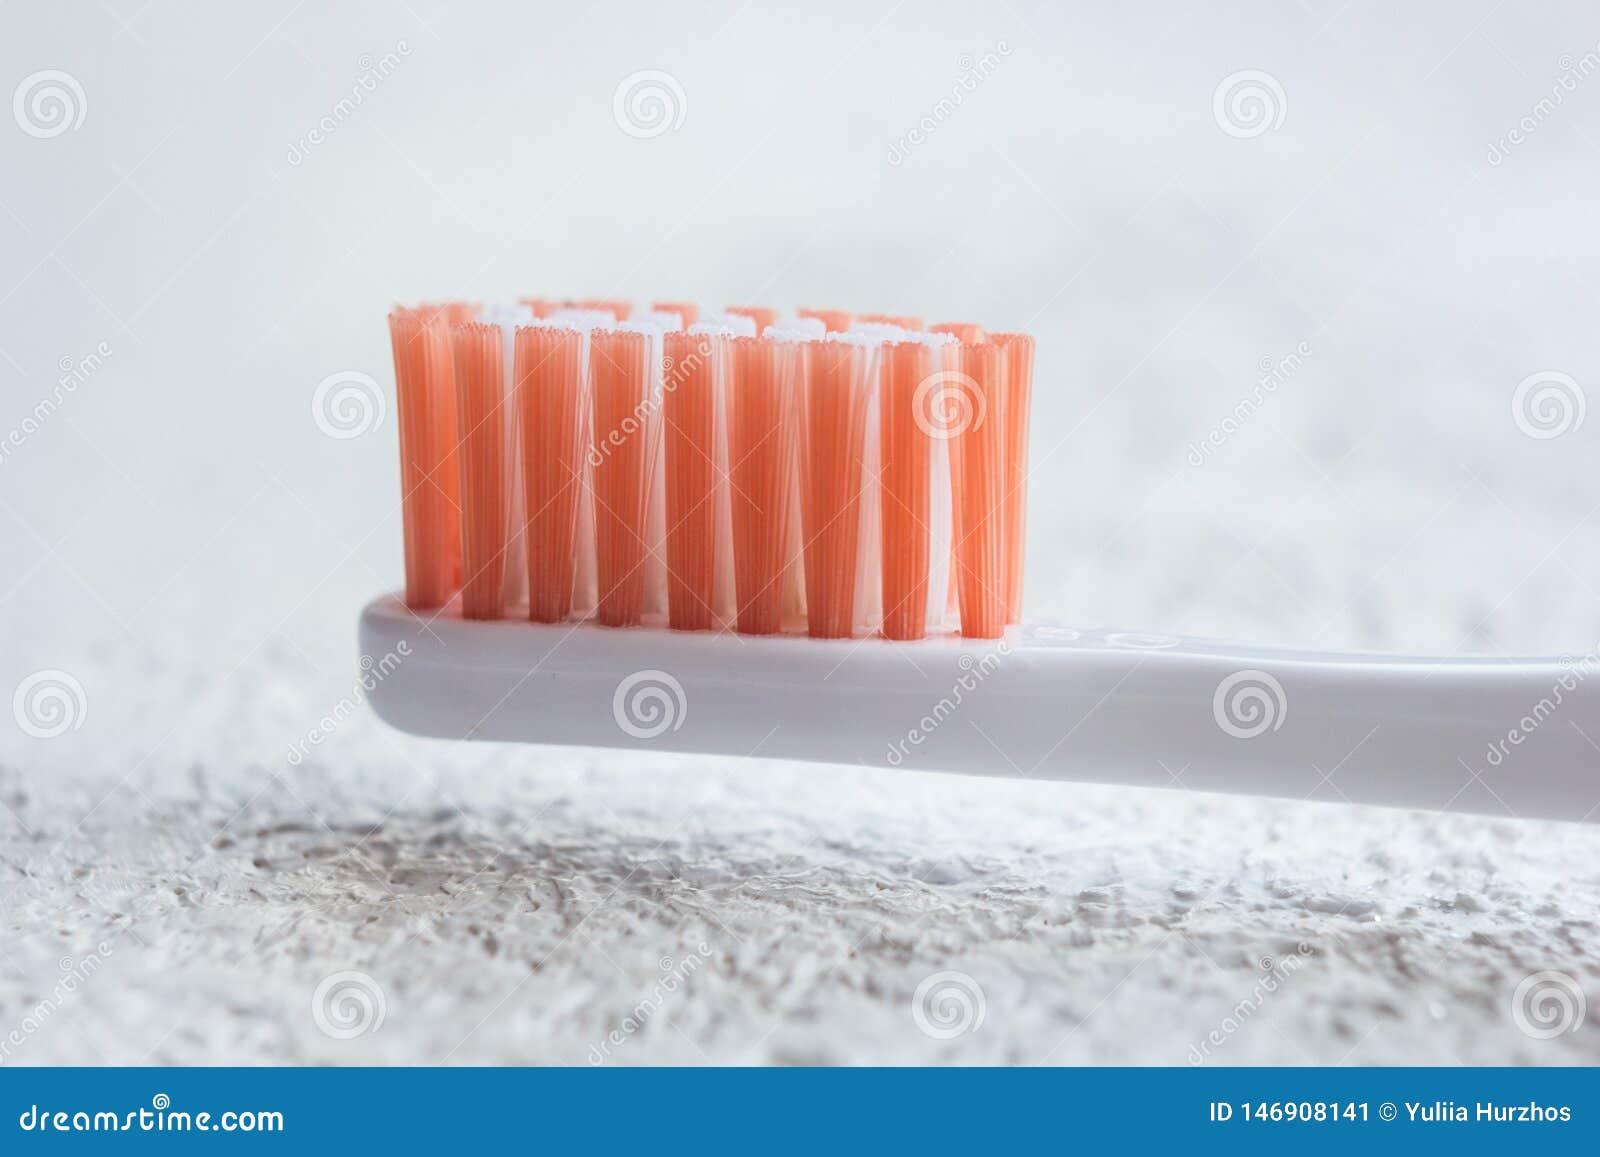 Nieuw oranje-overeind gezet tandenborstel hoofdclose-up op een witte lijst onderwerp van het persoonlijke close-up van het hygiën